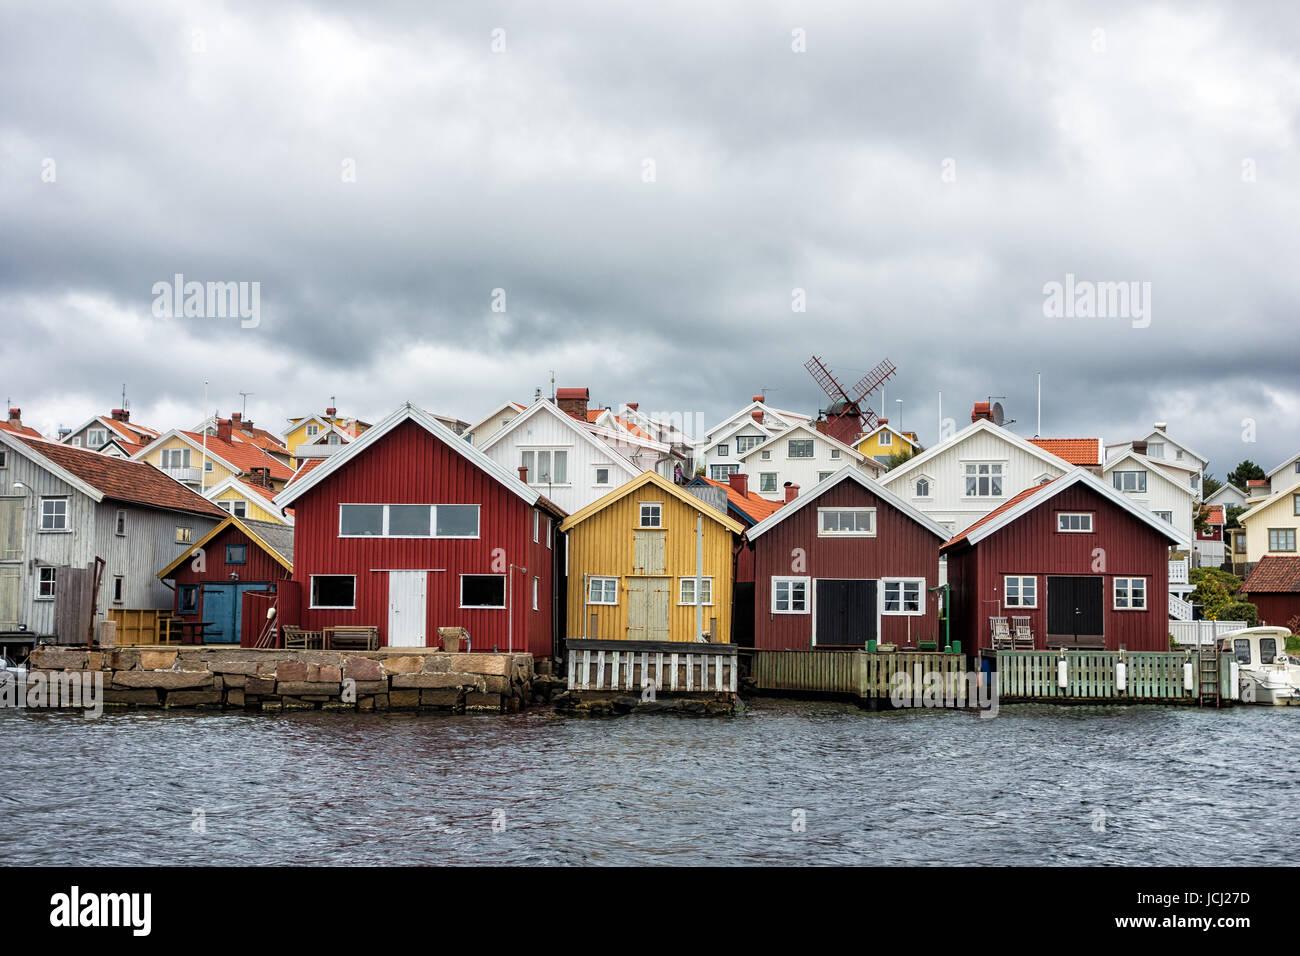 Holzhäuser auf der Insel Orust in Schweden. - Stock Image